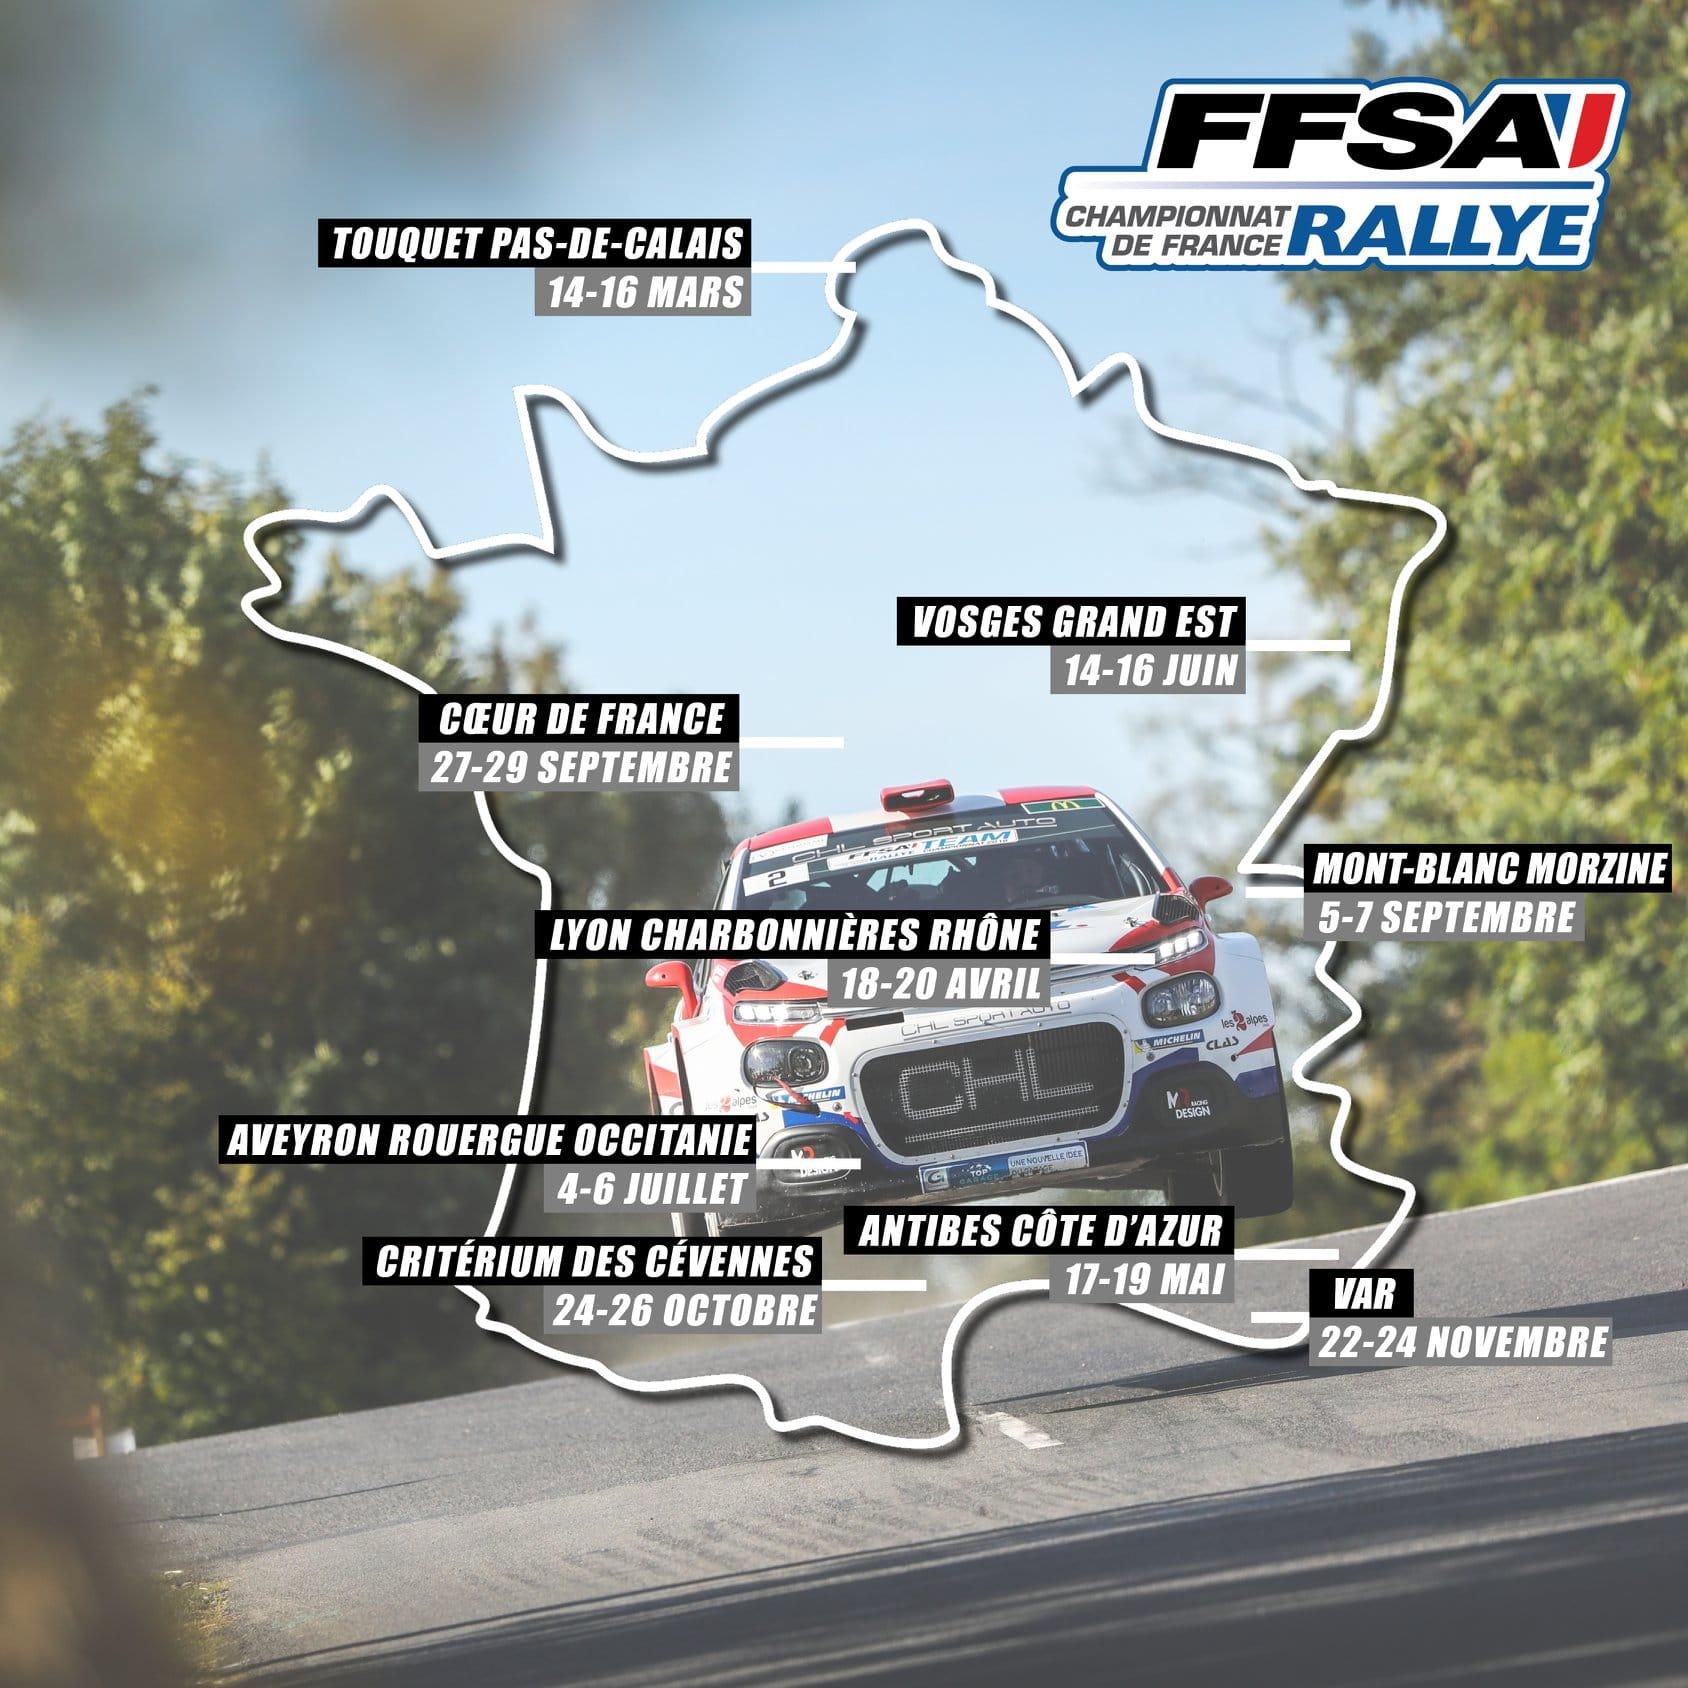 Calendrier Championnat De France Des Rallyes 2021 Calendrier Rallye   Page 2 sur 7   Pilote de Course   Rallye